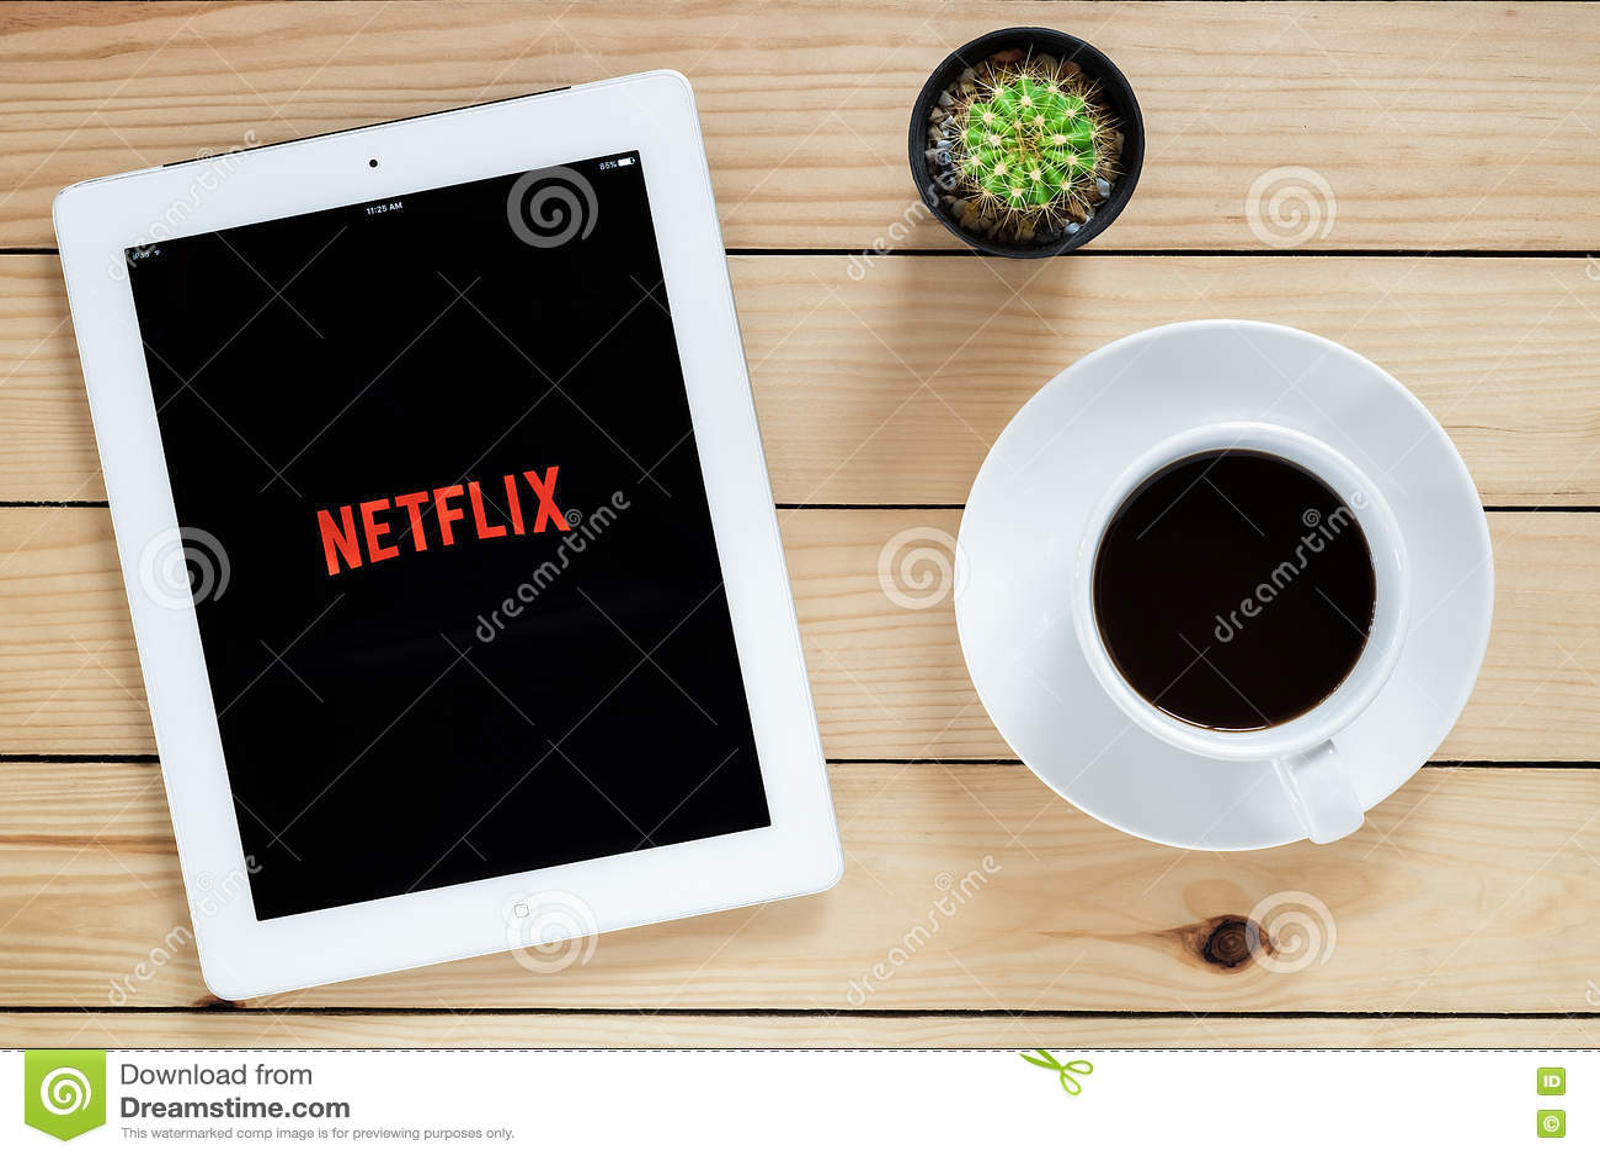 IPad 4 öppen Netflix applikation